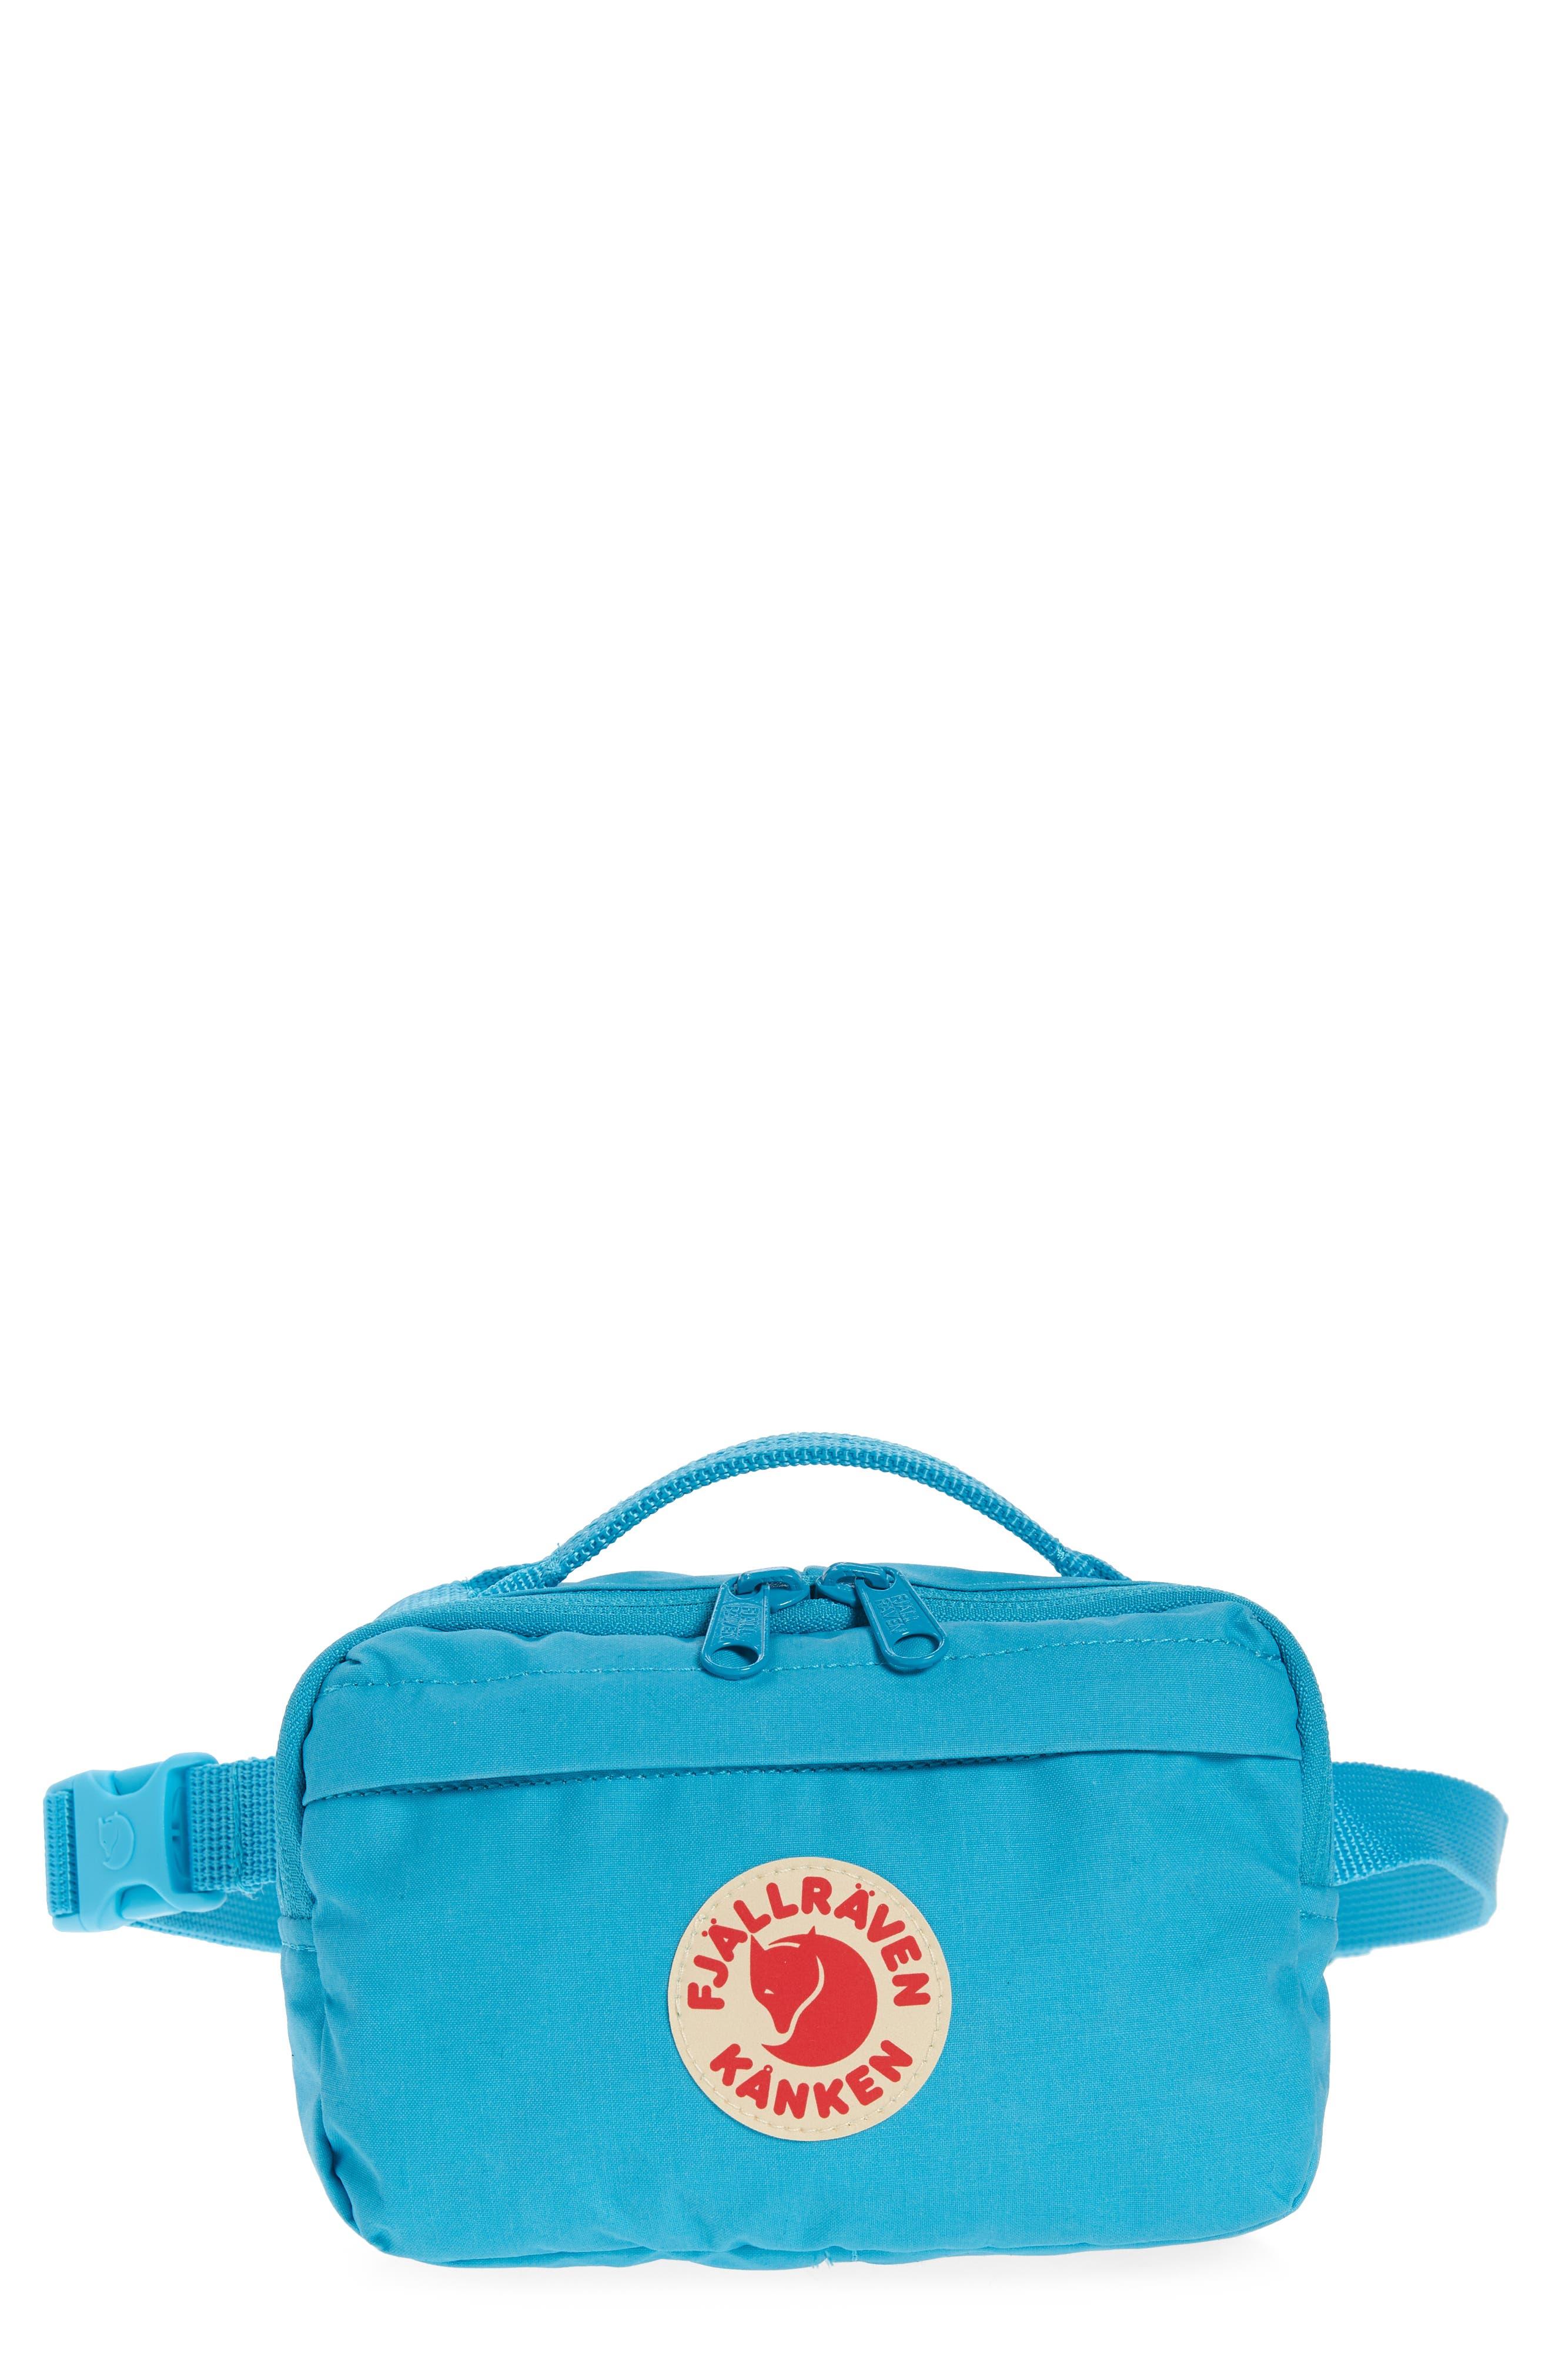 Kanken Water Resistant Belt Bag